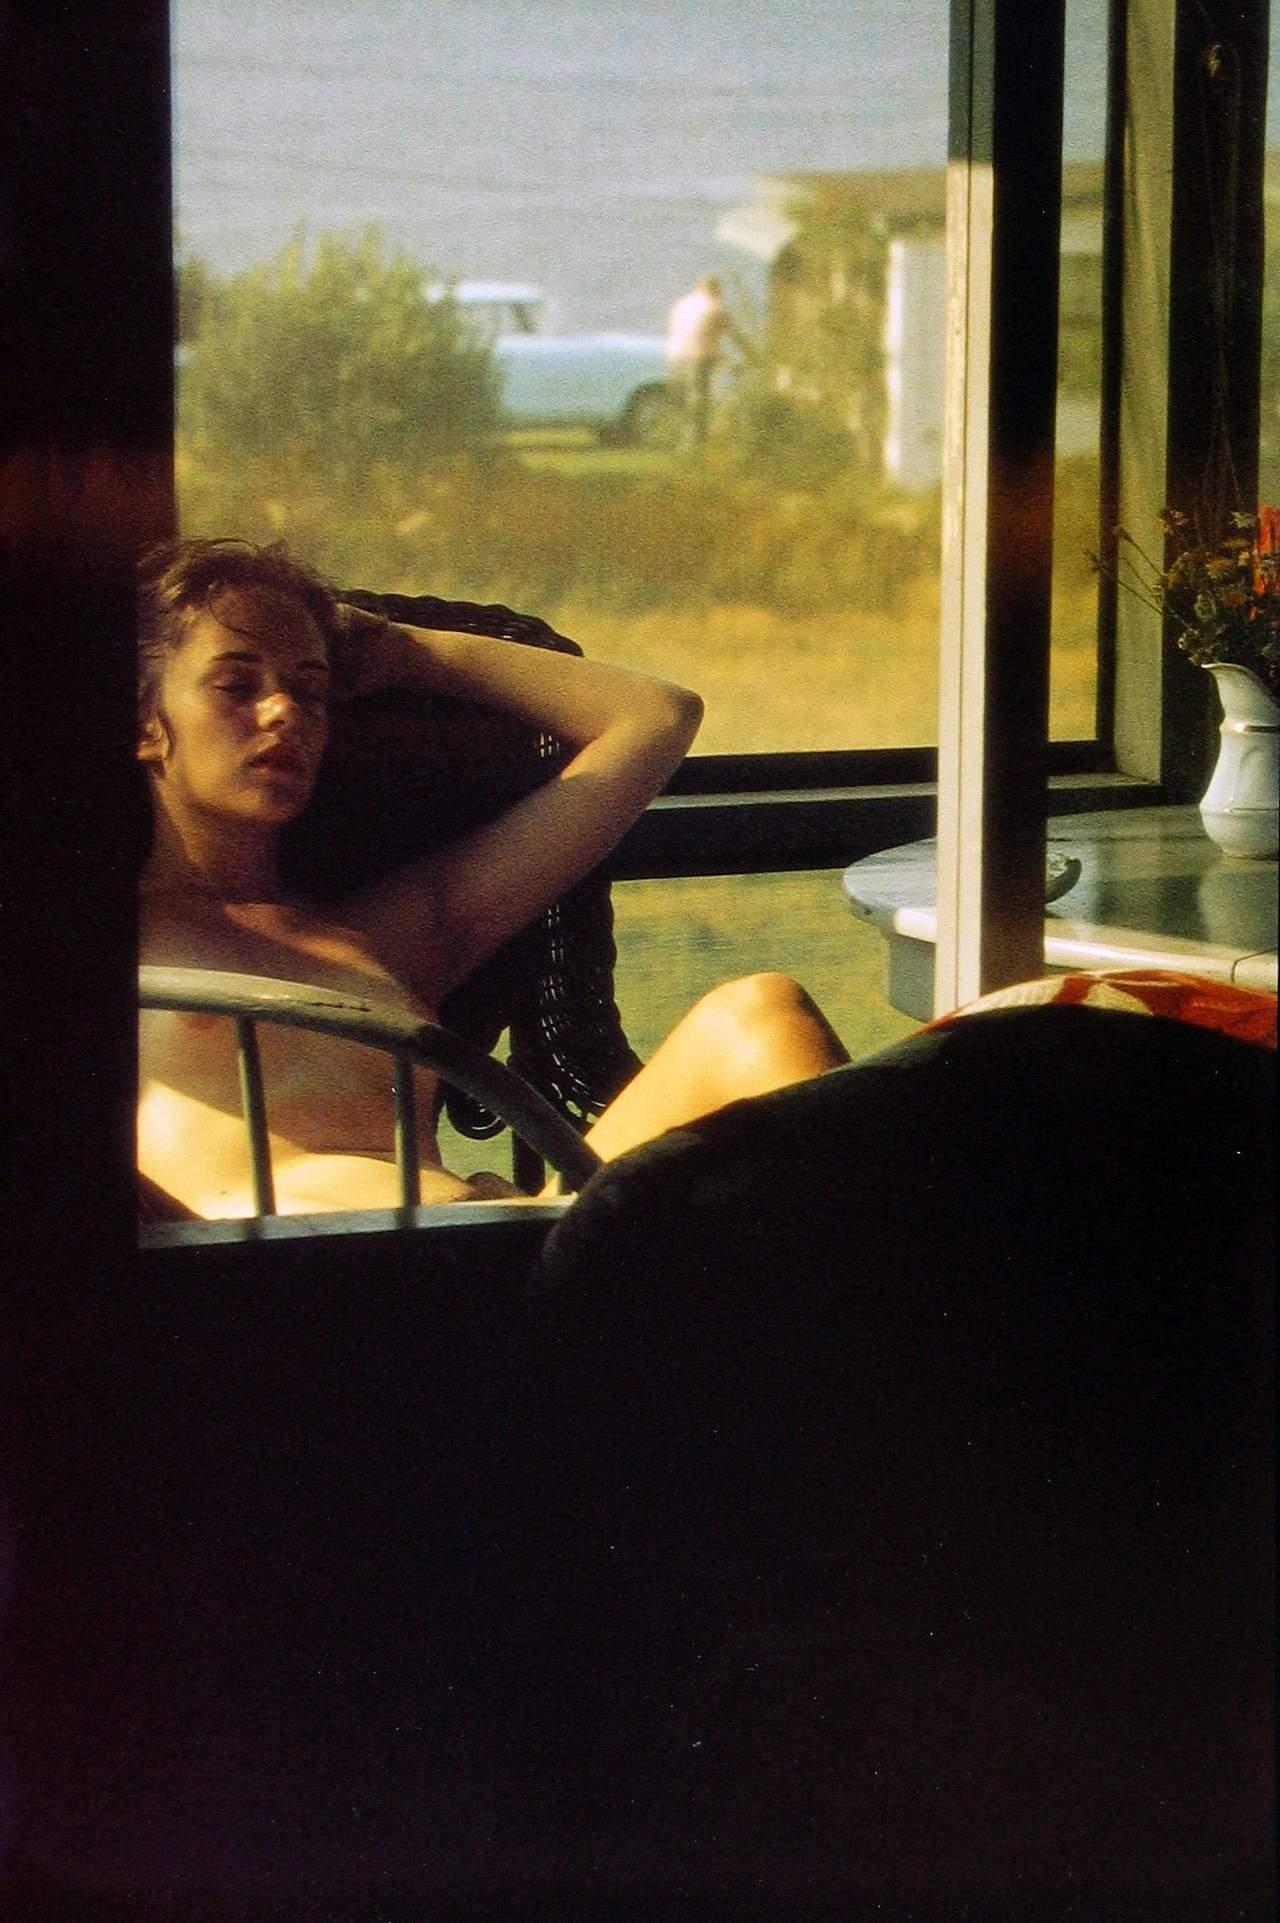 Saul Leiter / Lanesville, 1958,1958